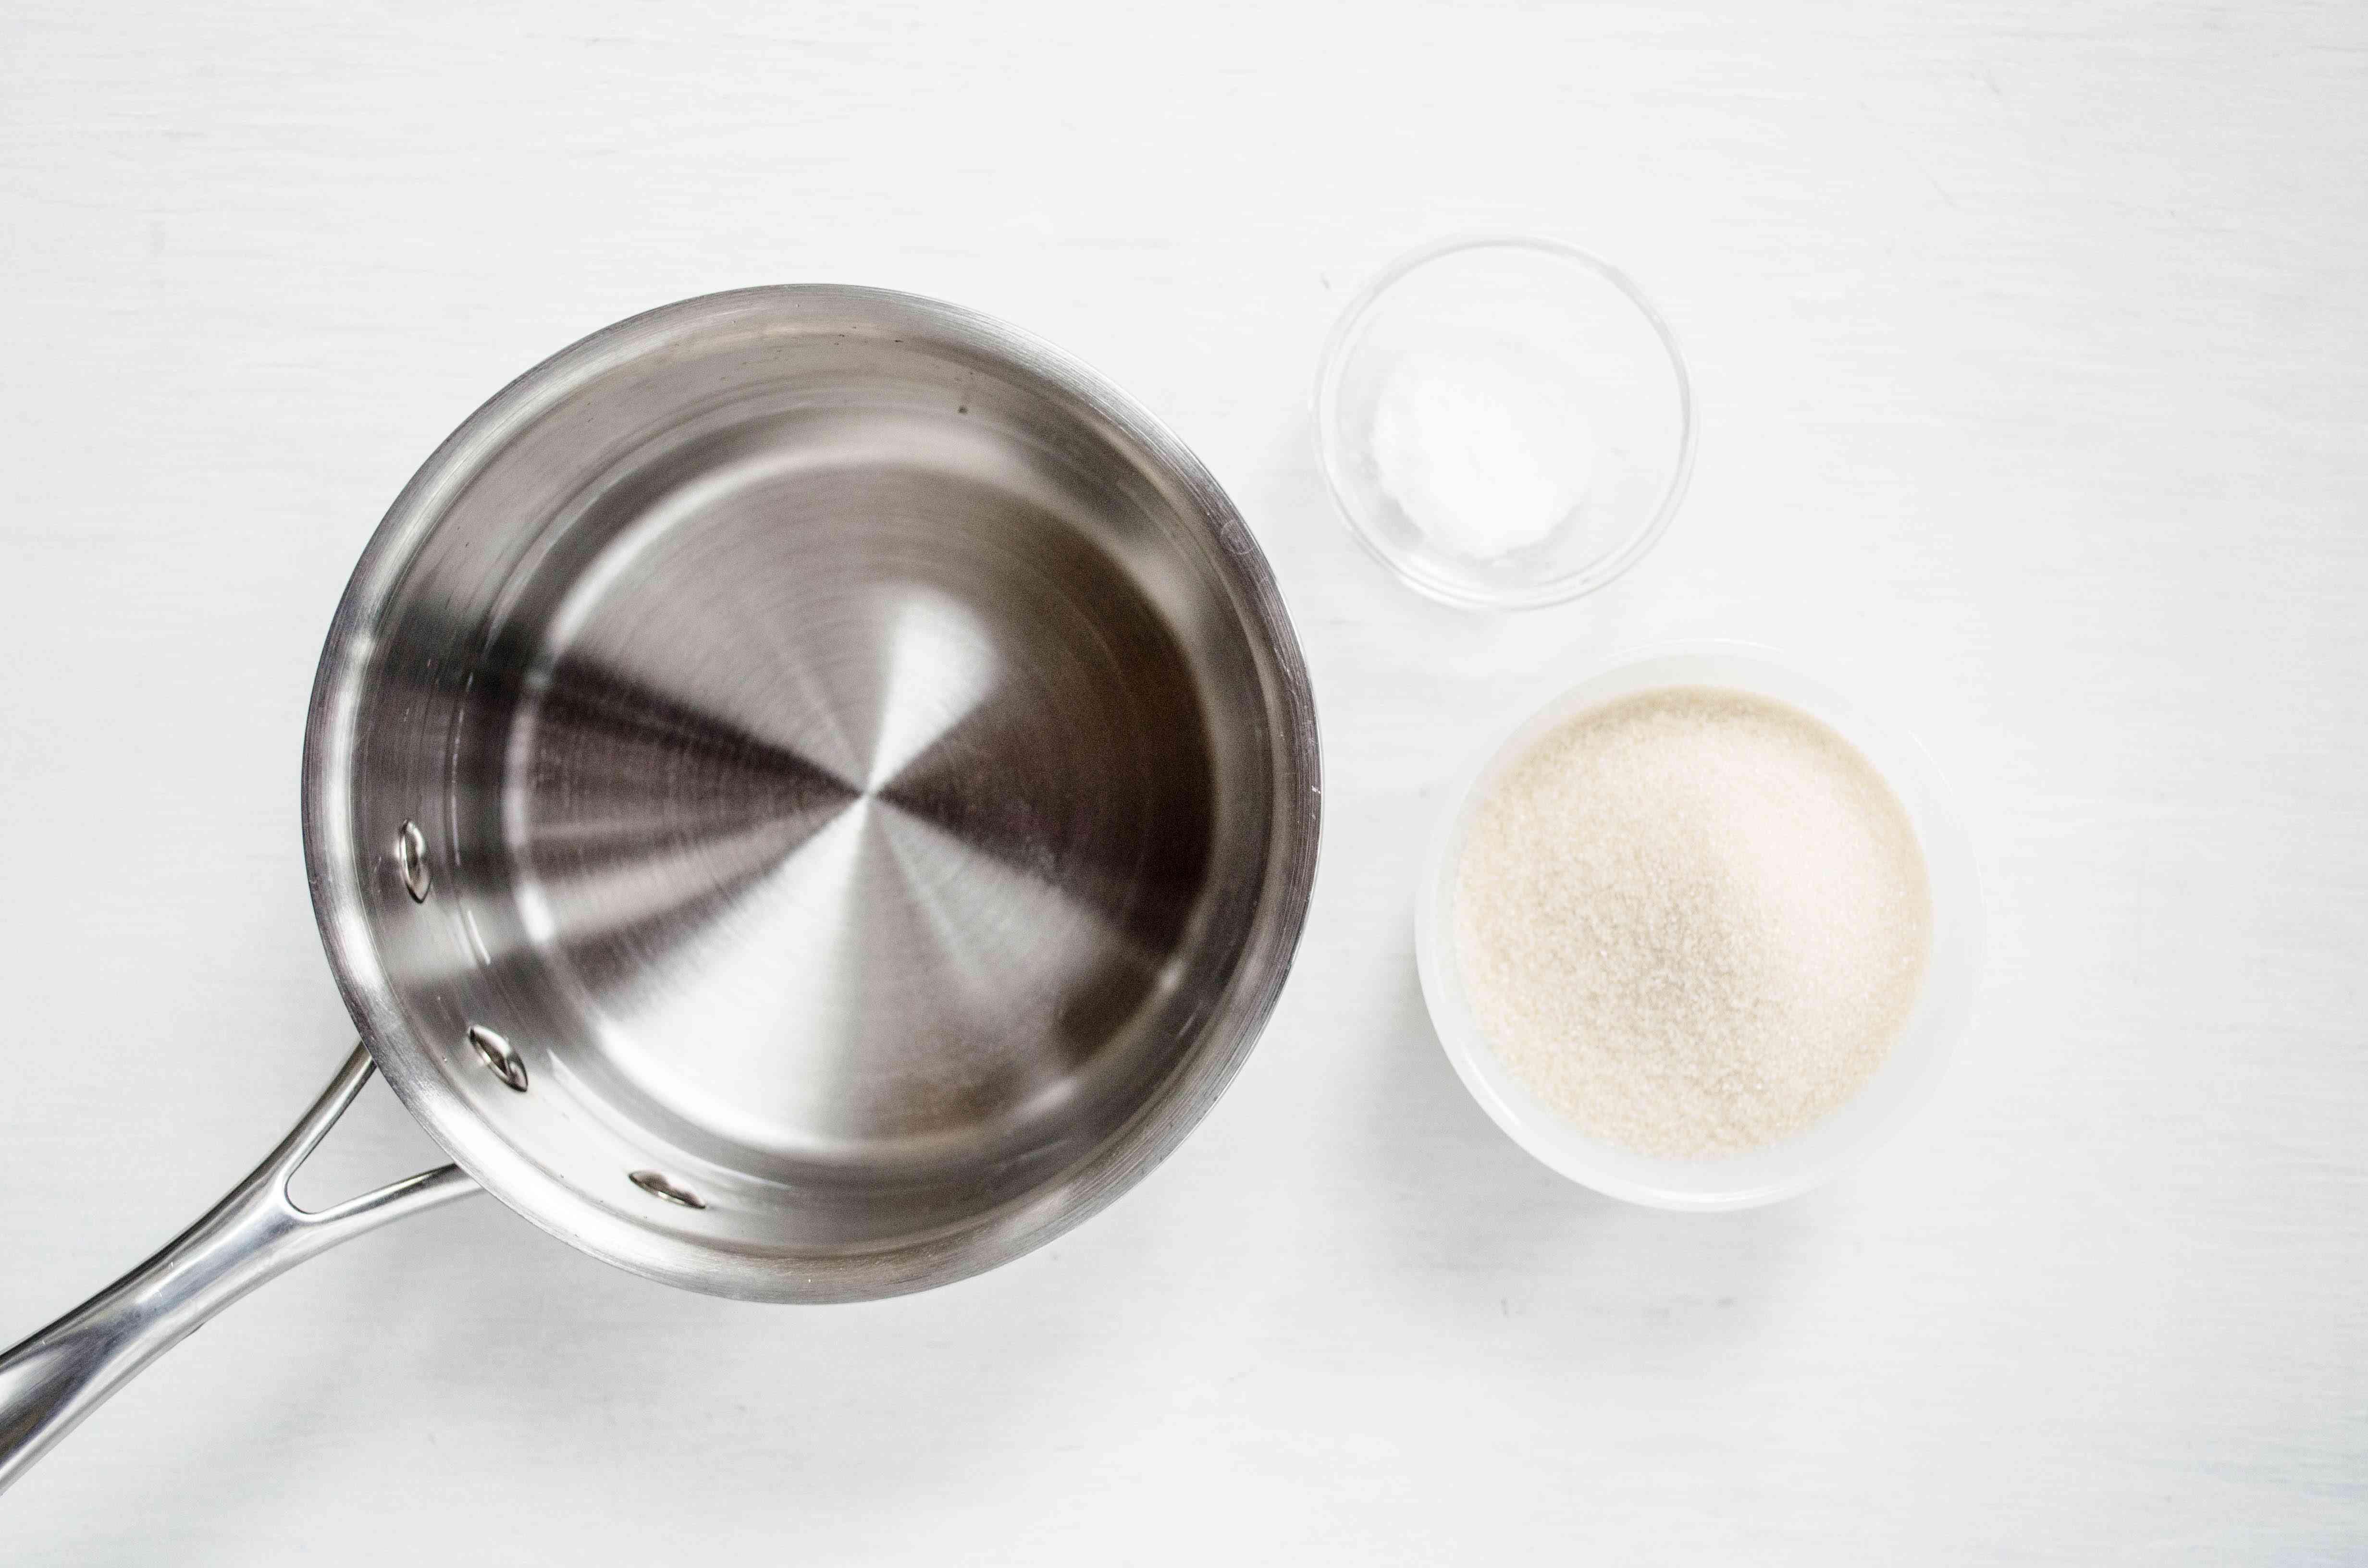 Saucepan with sugar and salt